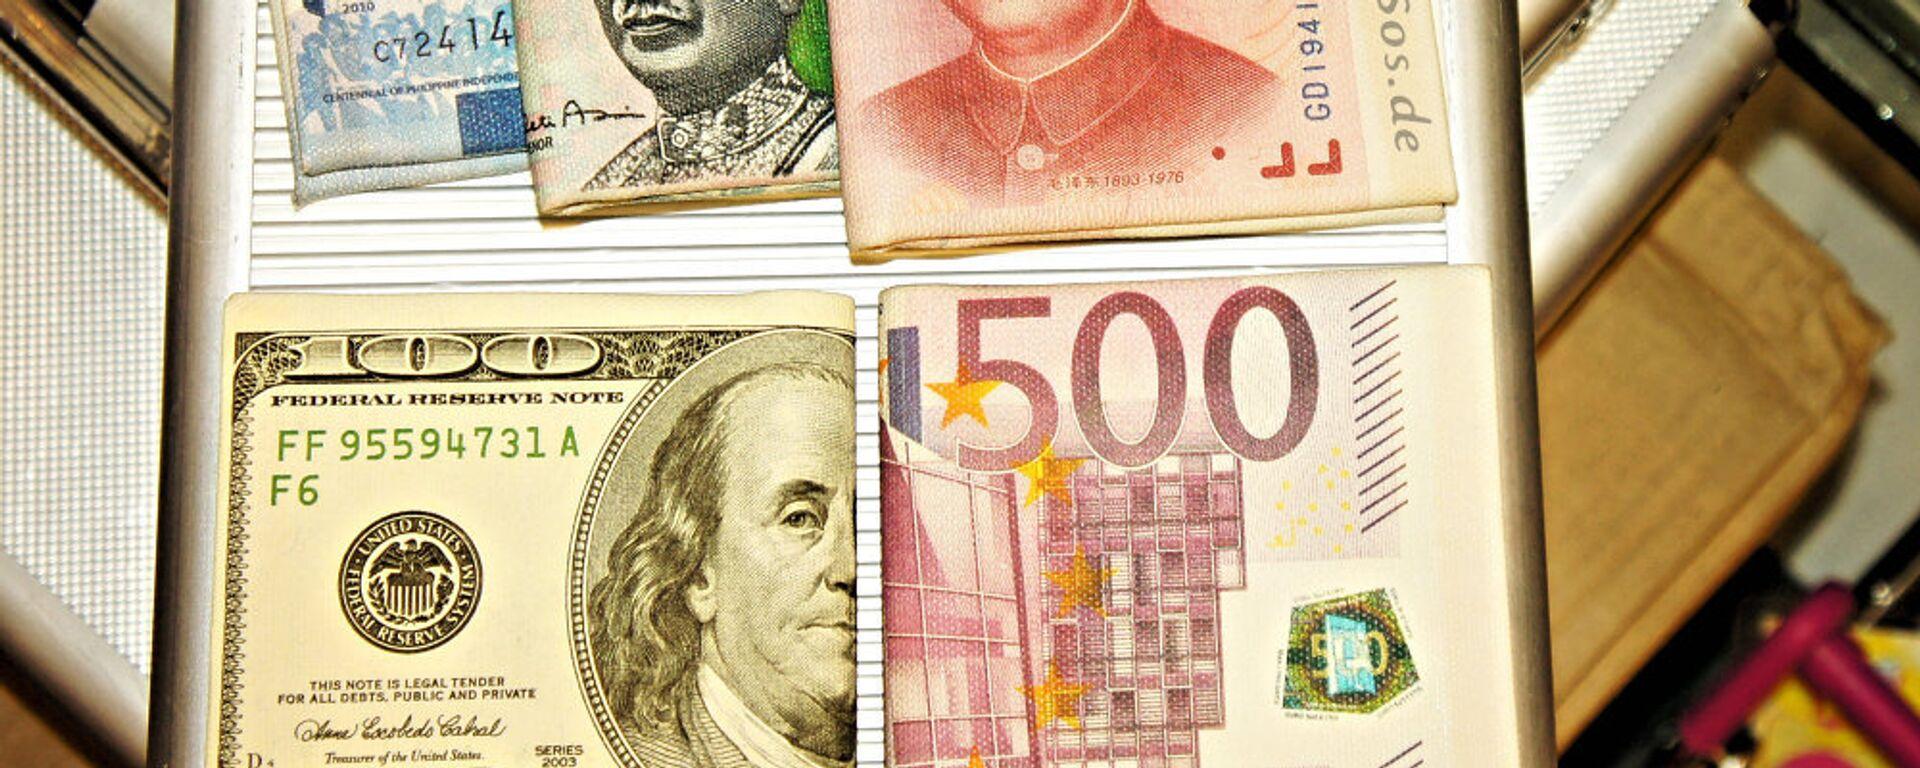 Кинески јуан, евро, амерички долар и друге валуте - Sputnik Србија, 1920, 08.05.2021